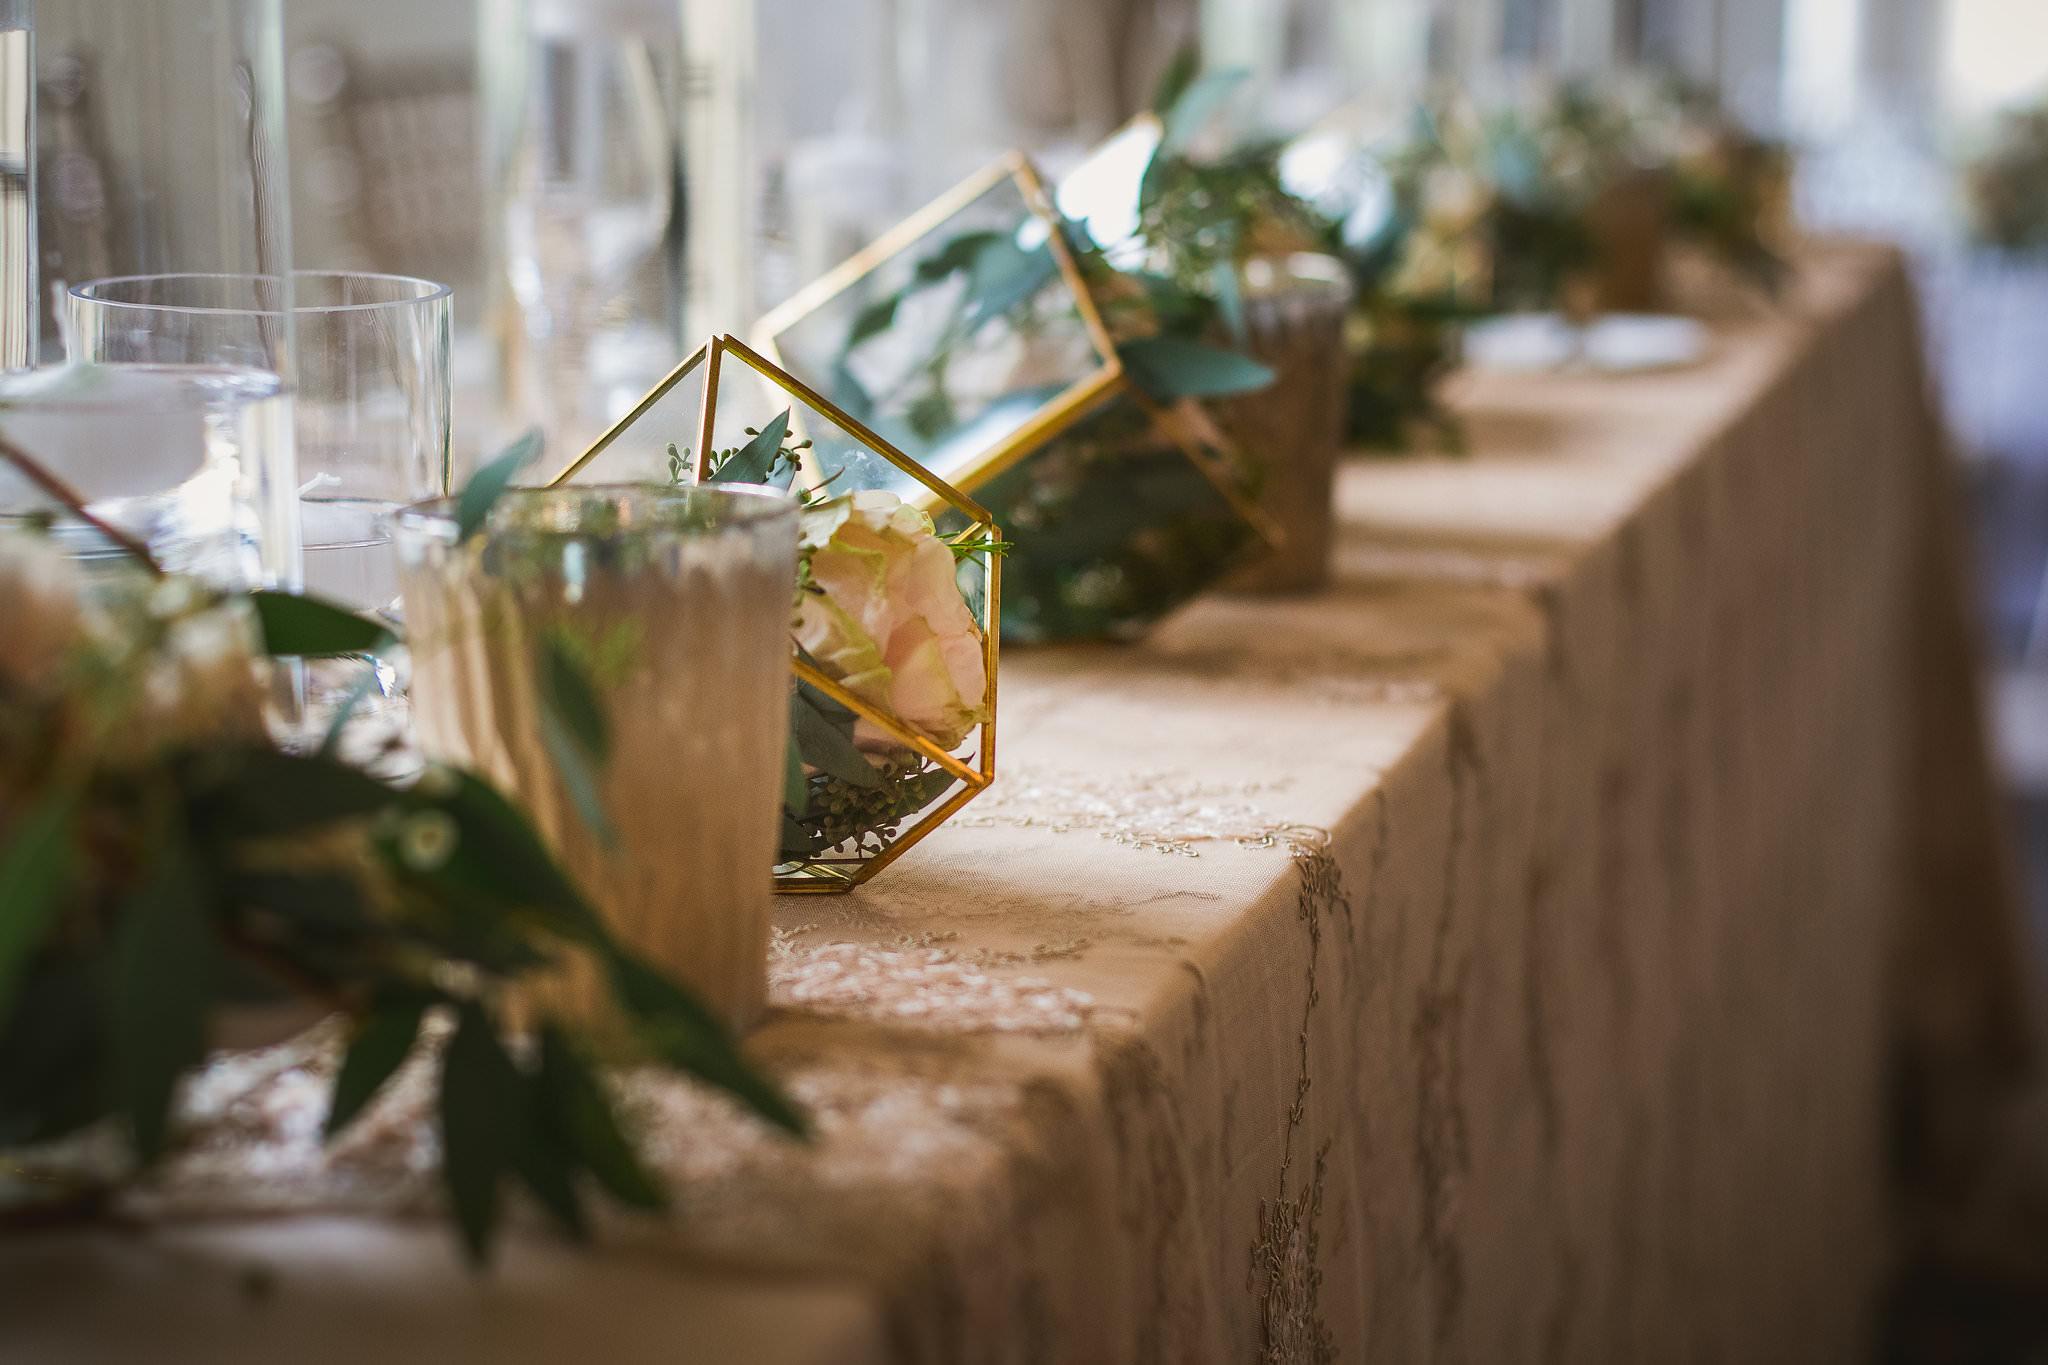 whistlebearweddingphotos 187 - Whistle Bear Wedding Photos